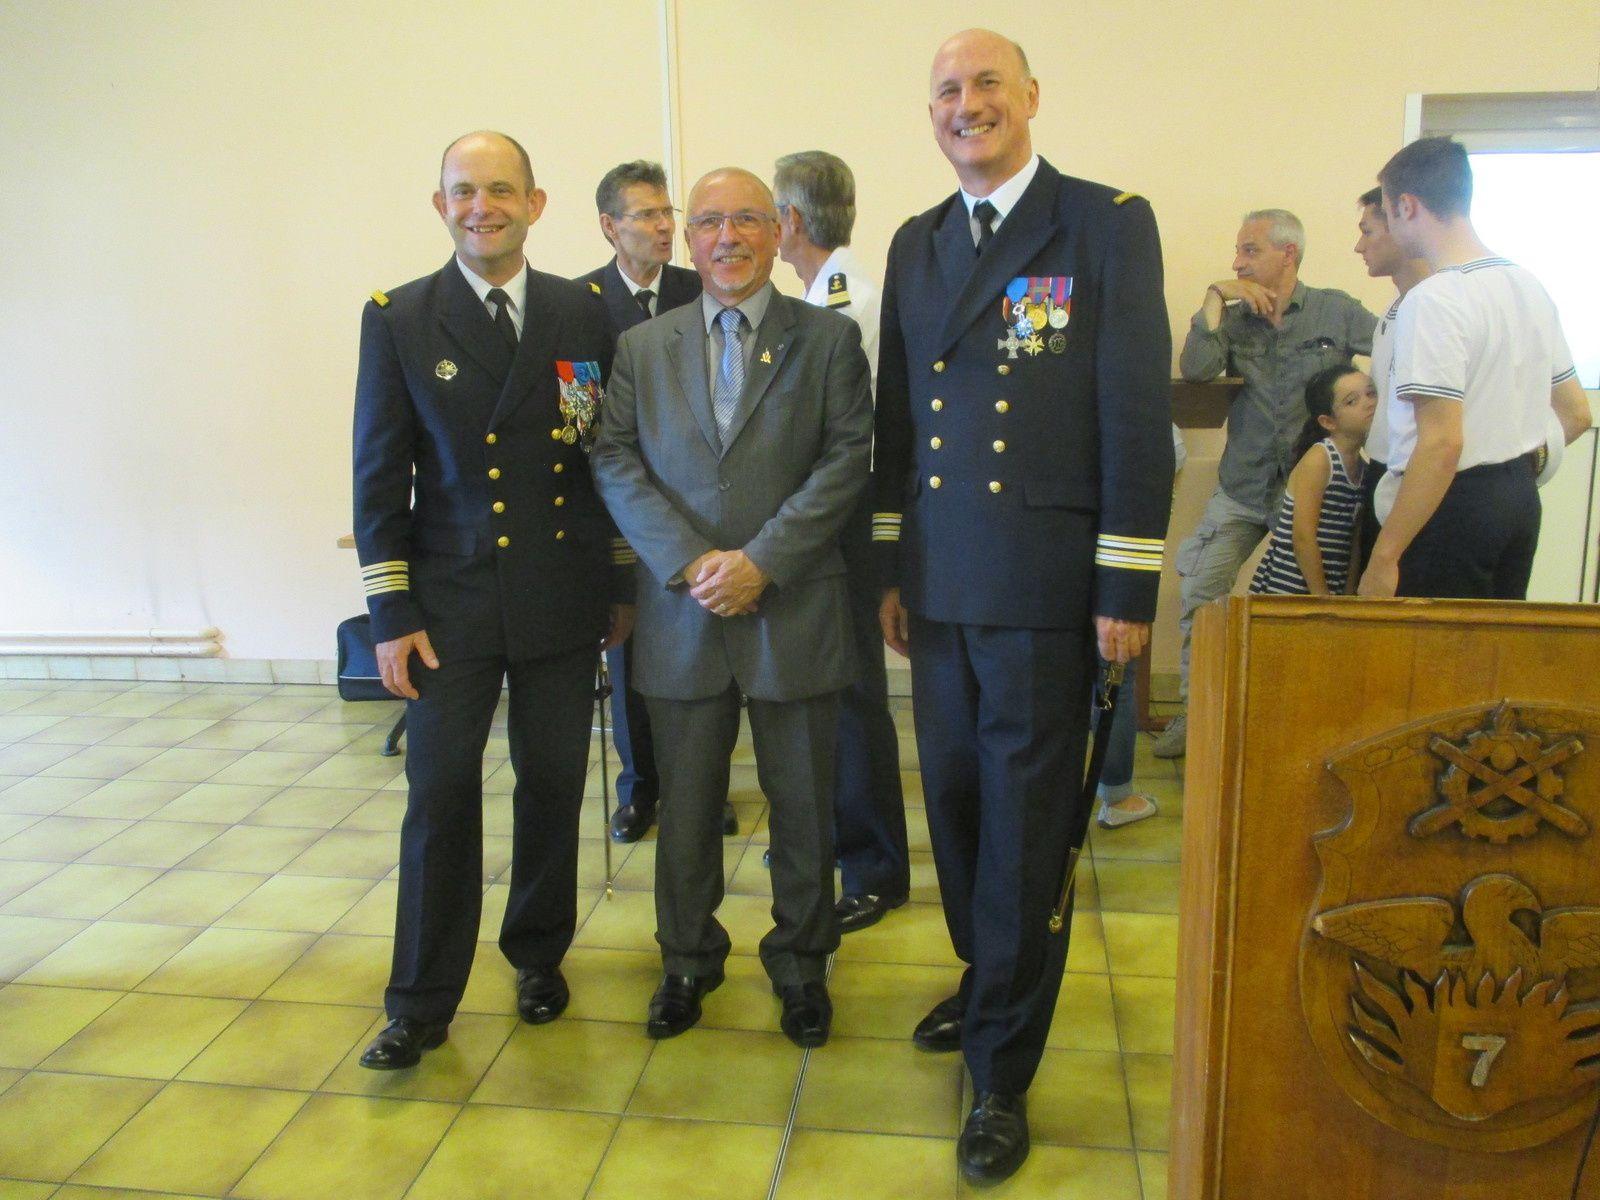 Le Président National Roland PICAUD a eu plaisir à revoir le Capitaine de Vaisseau Christophe PAGOT Chef d'Etat Major, Commandement de la Zone et de l'Arrondissement Maritime Méditerranée et le Capitaine de Frégate Jean-Luc LOGEL Membre du Comité d'Honneur de l'a.M.N.D.V.D.E.N avec qui des liens d'amitiés se sont instaurés